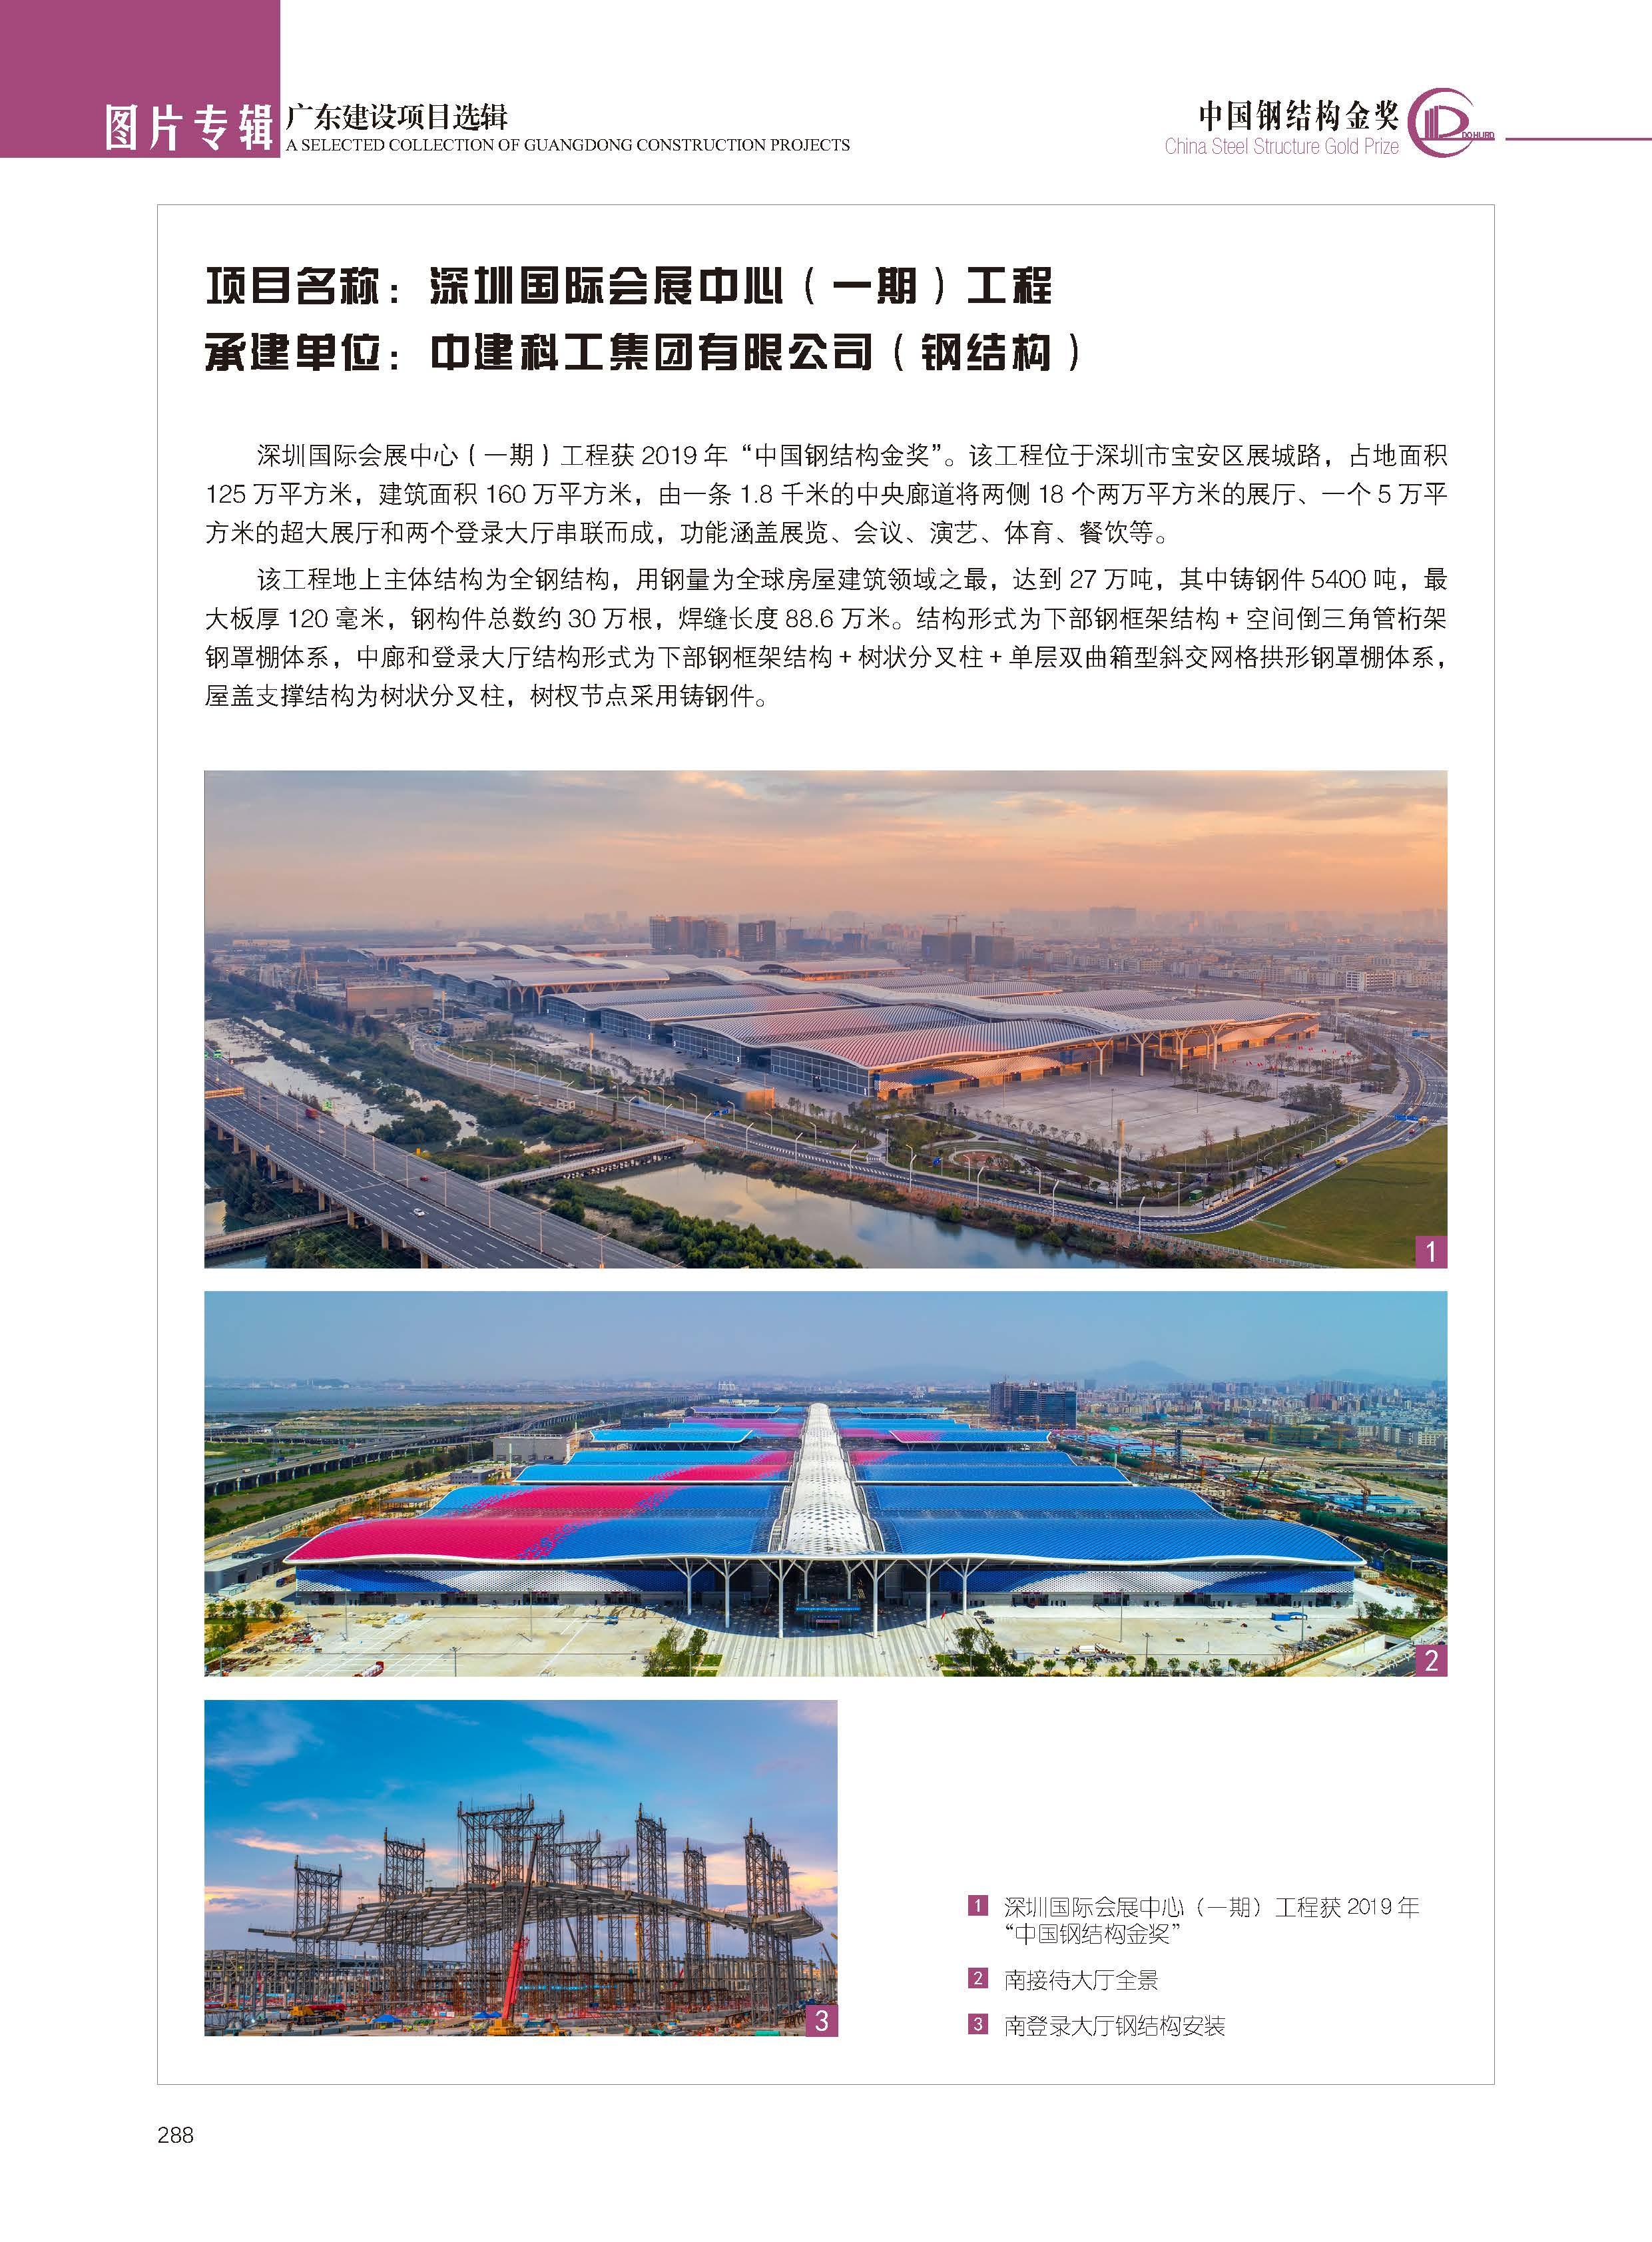 深圳国际会展中心(一期)工程.jpg